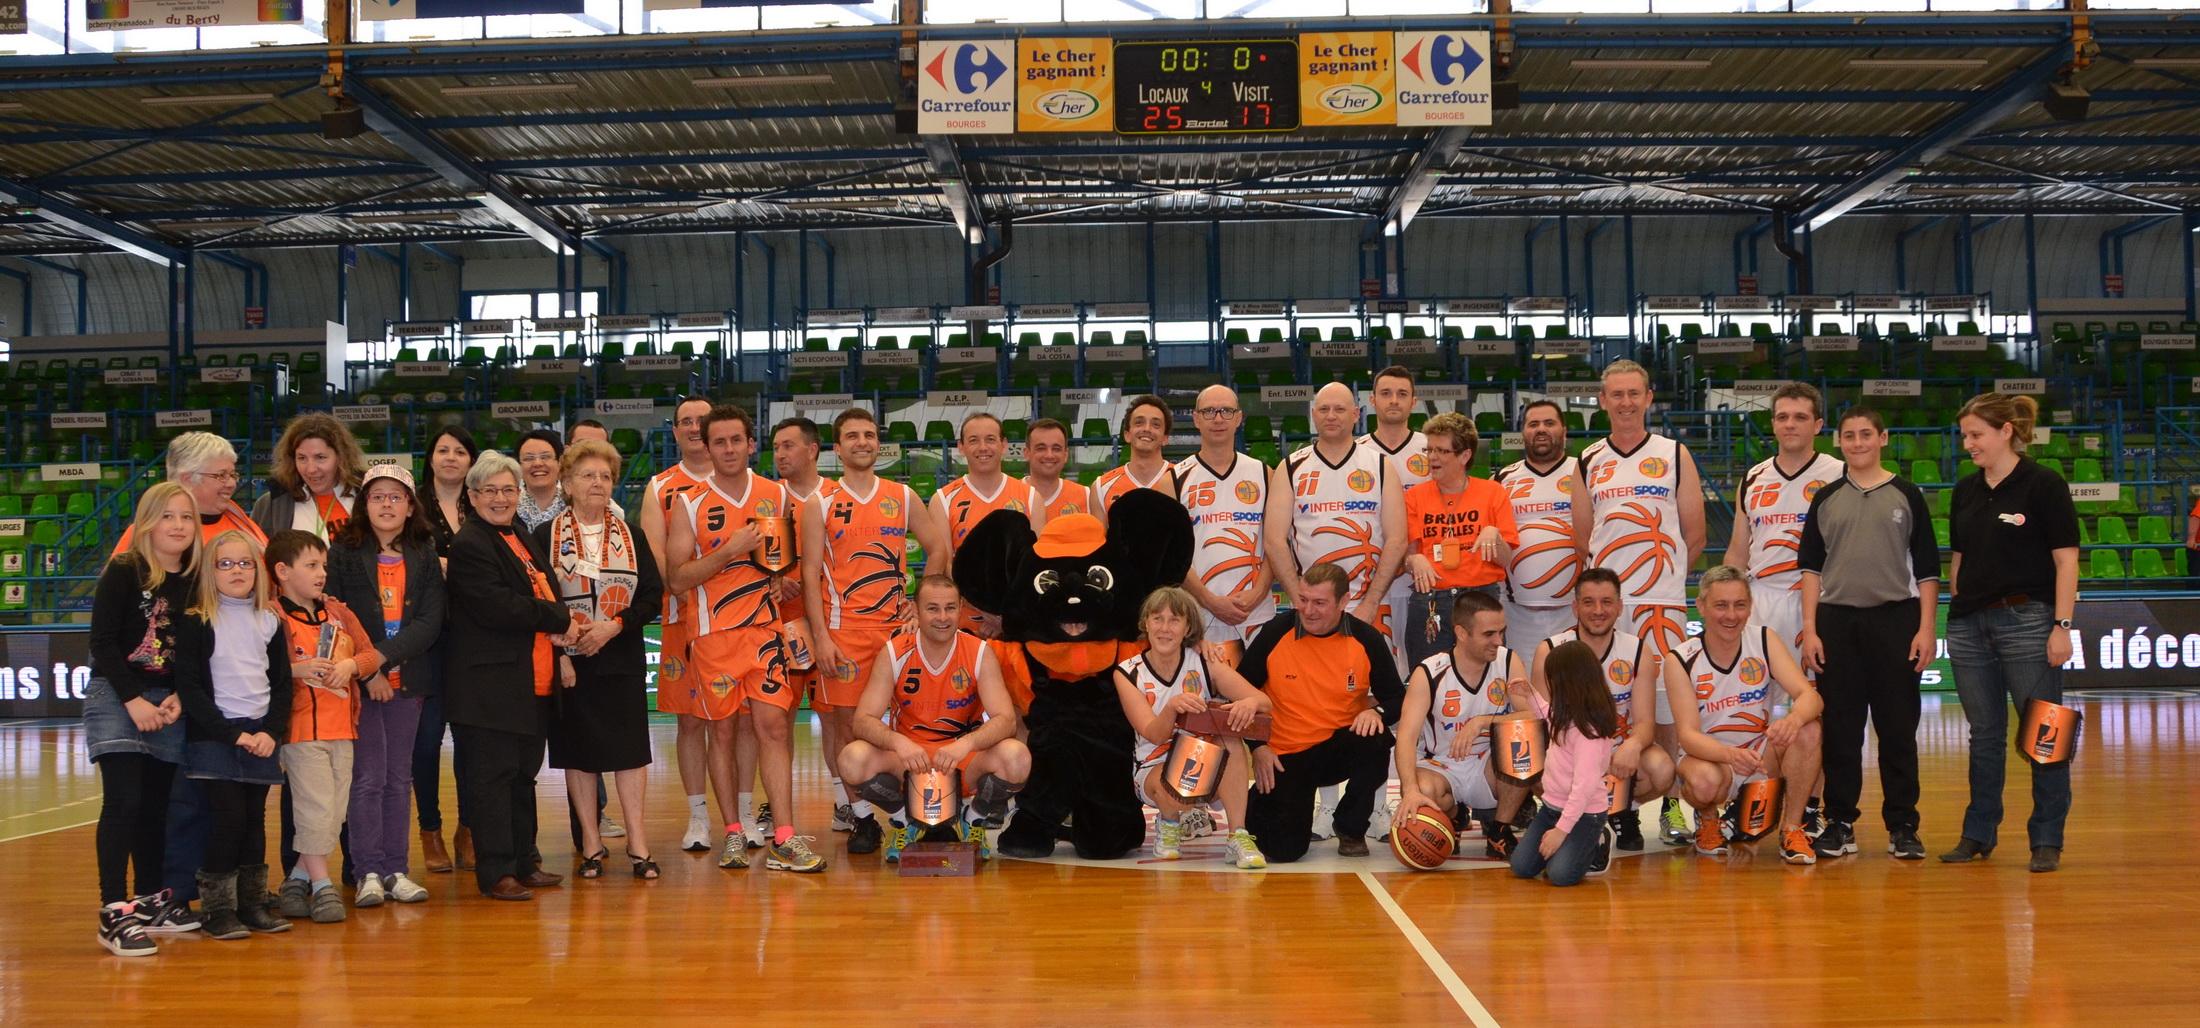 match des partenaires 2014